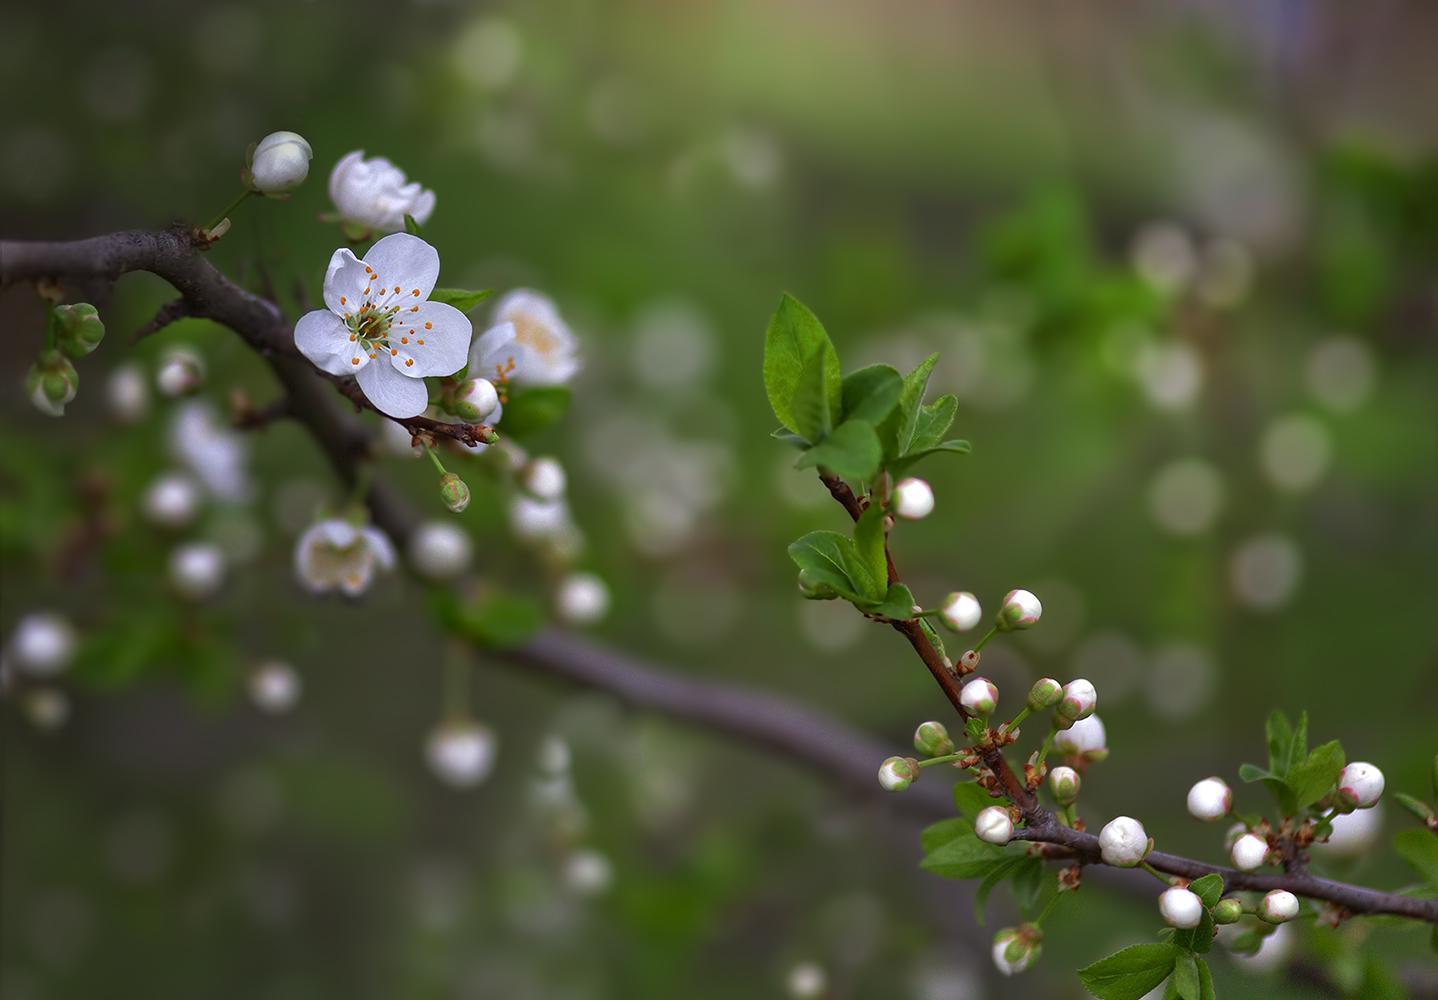 зеркала дыхание весны фото бывают слишком сложные